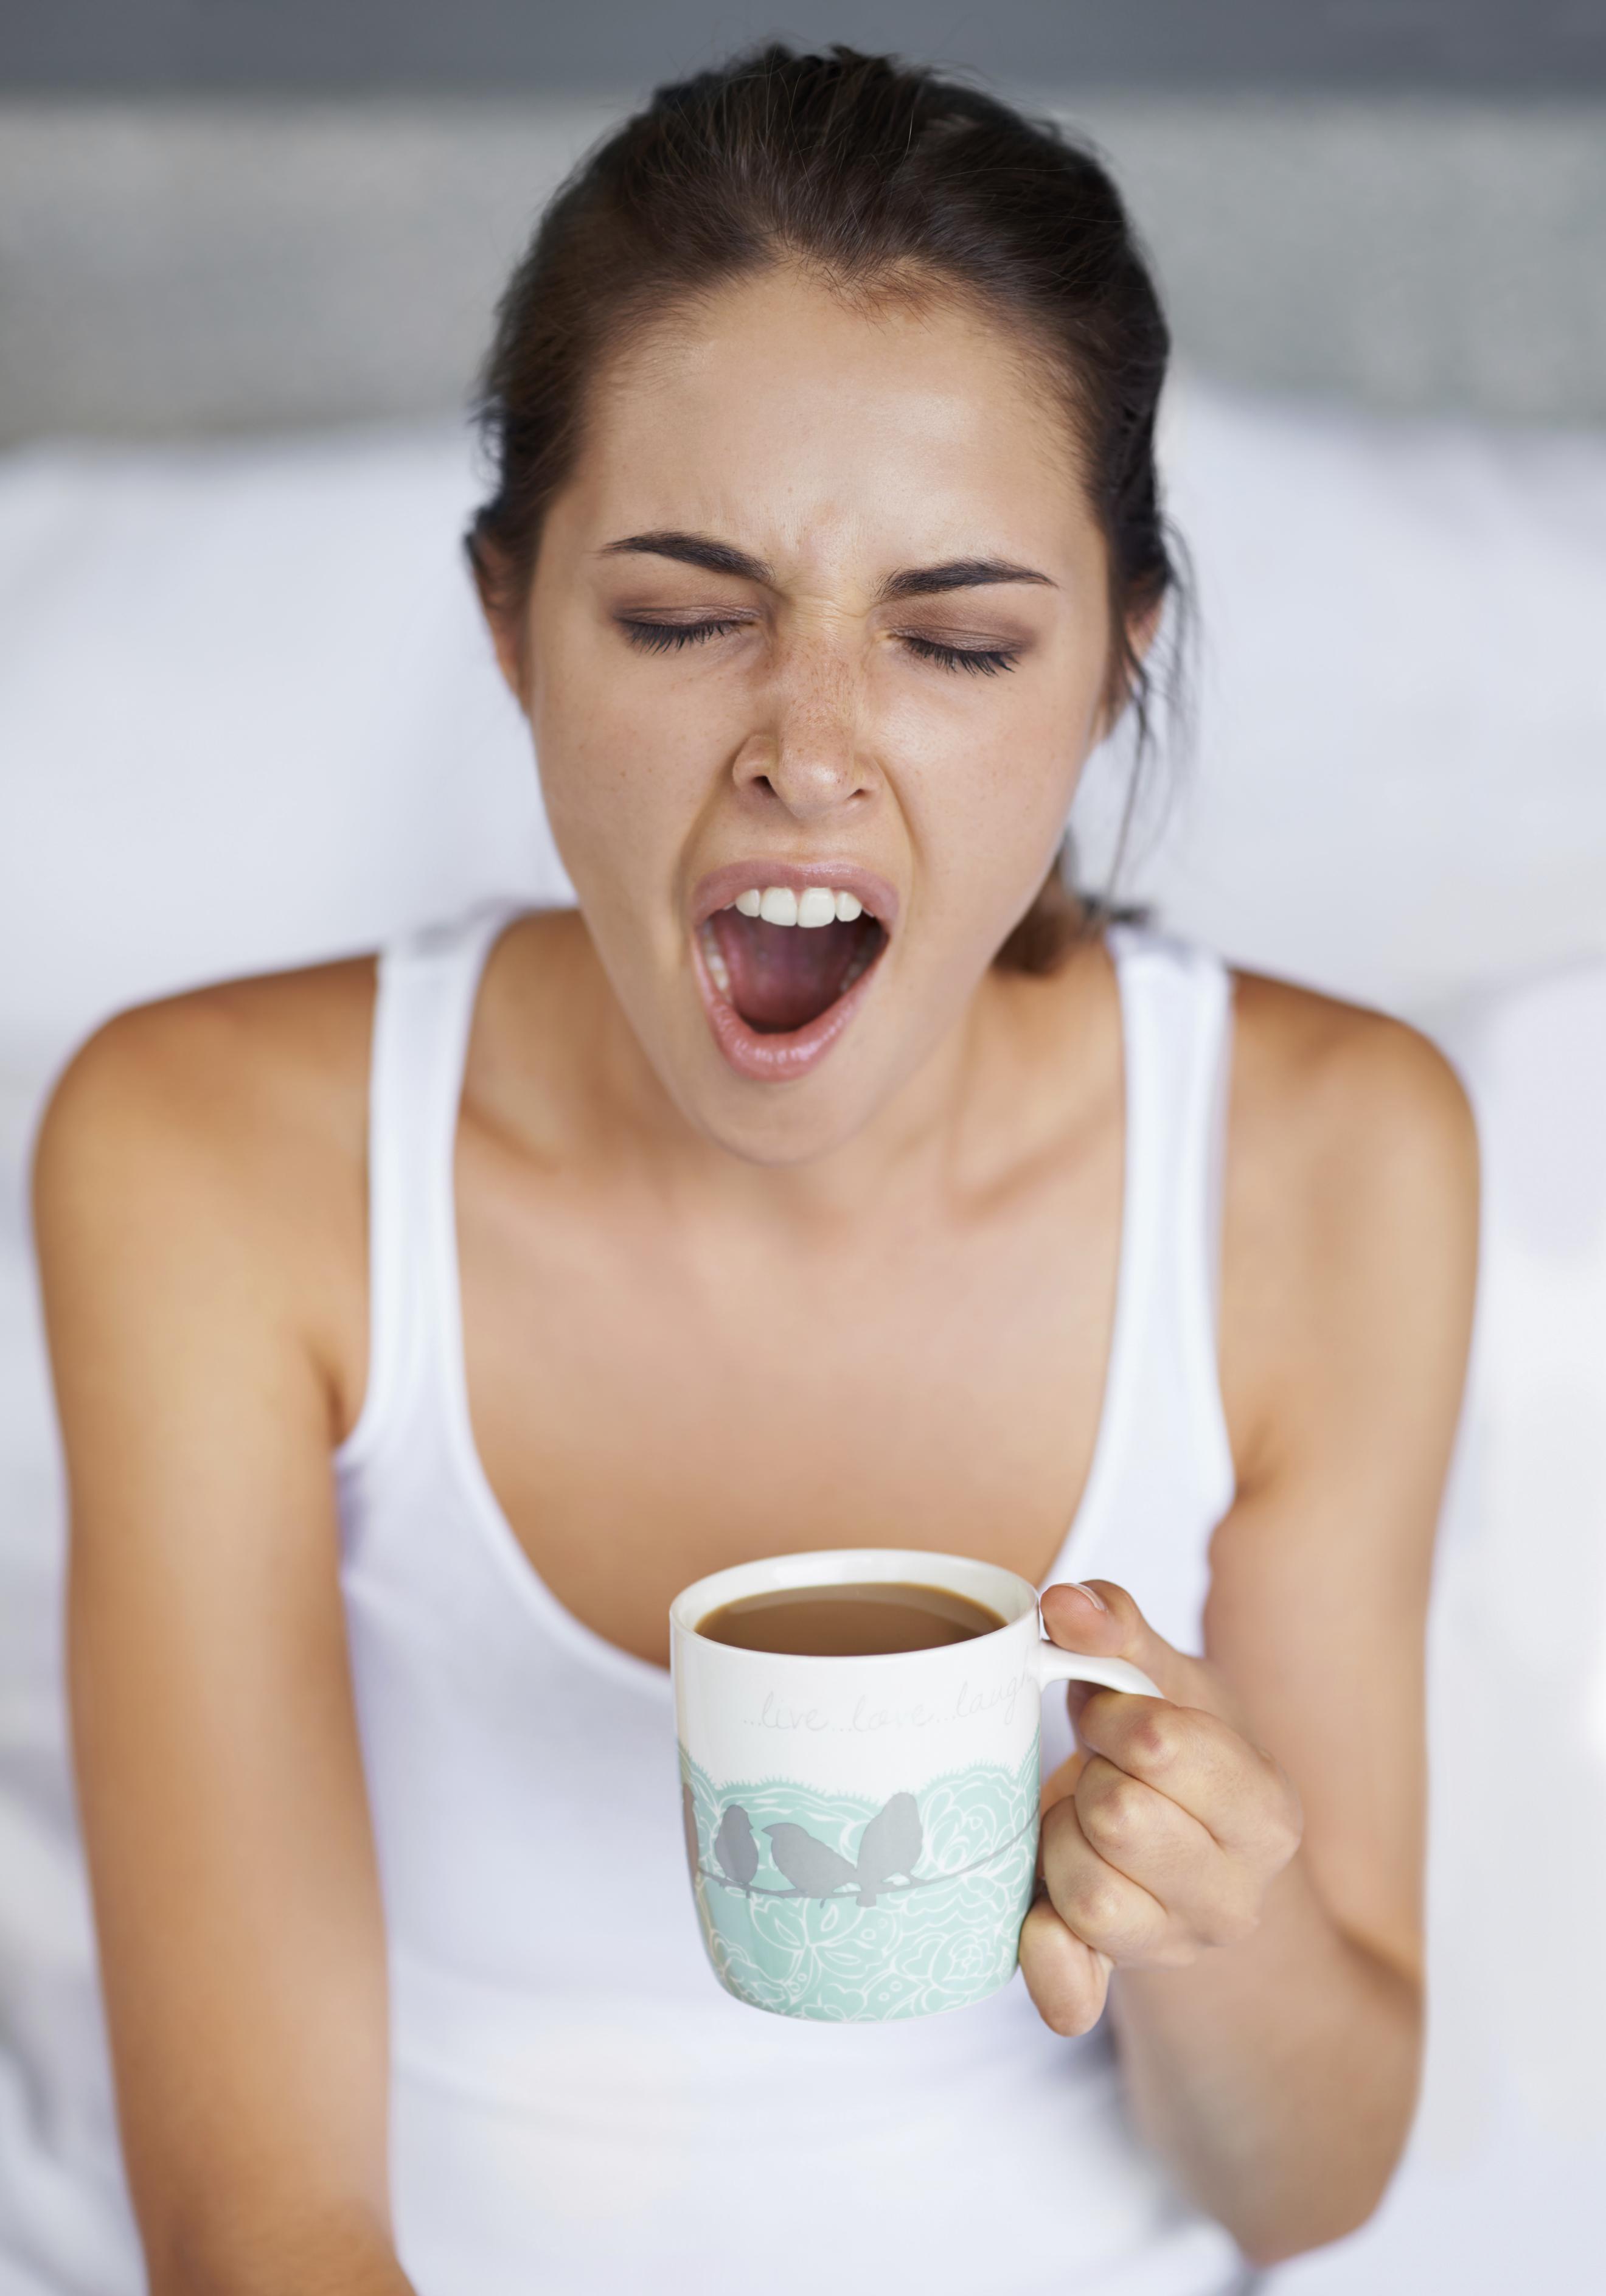 Pourquoi se sent on fatiguée malgré une longue nuit de